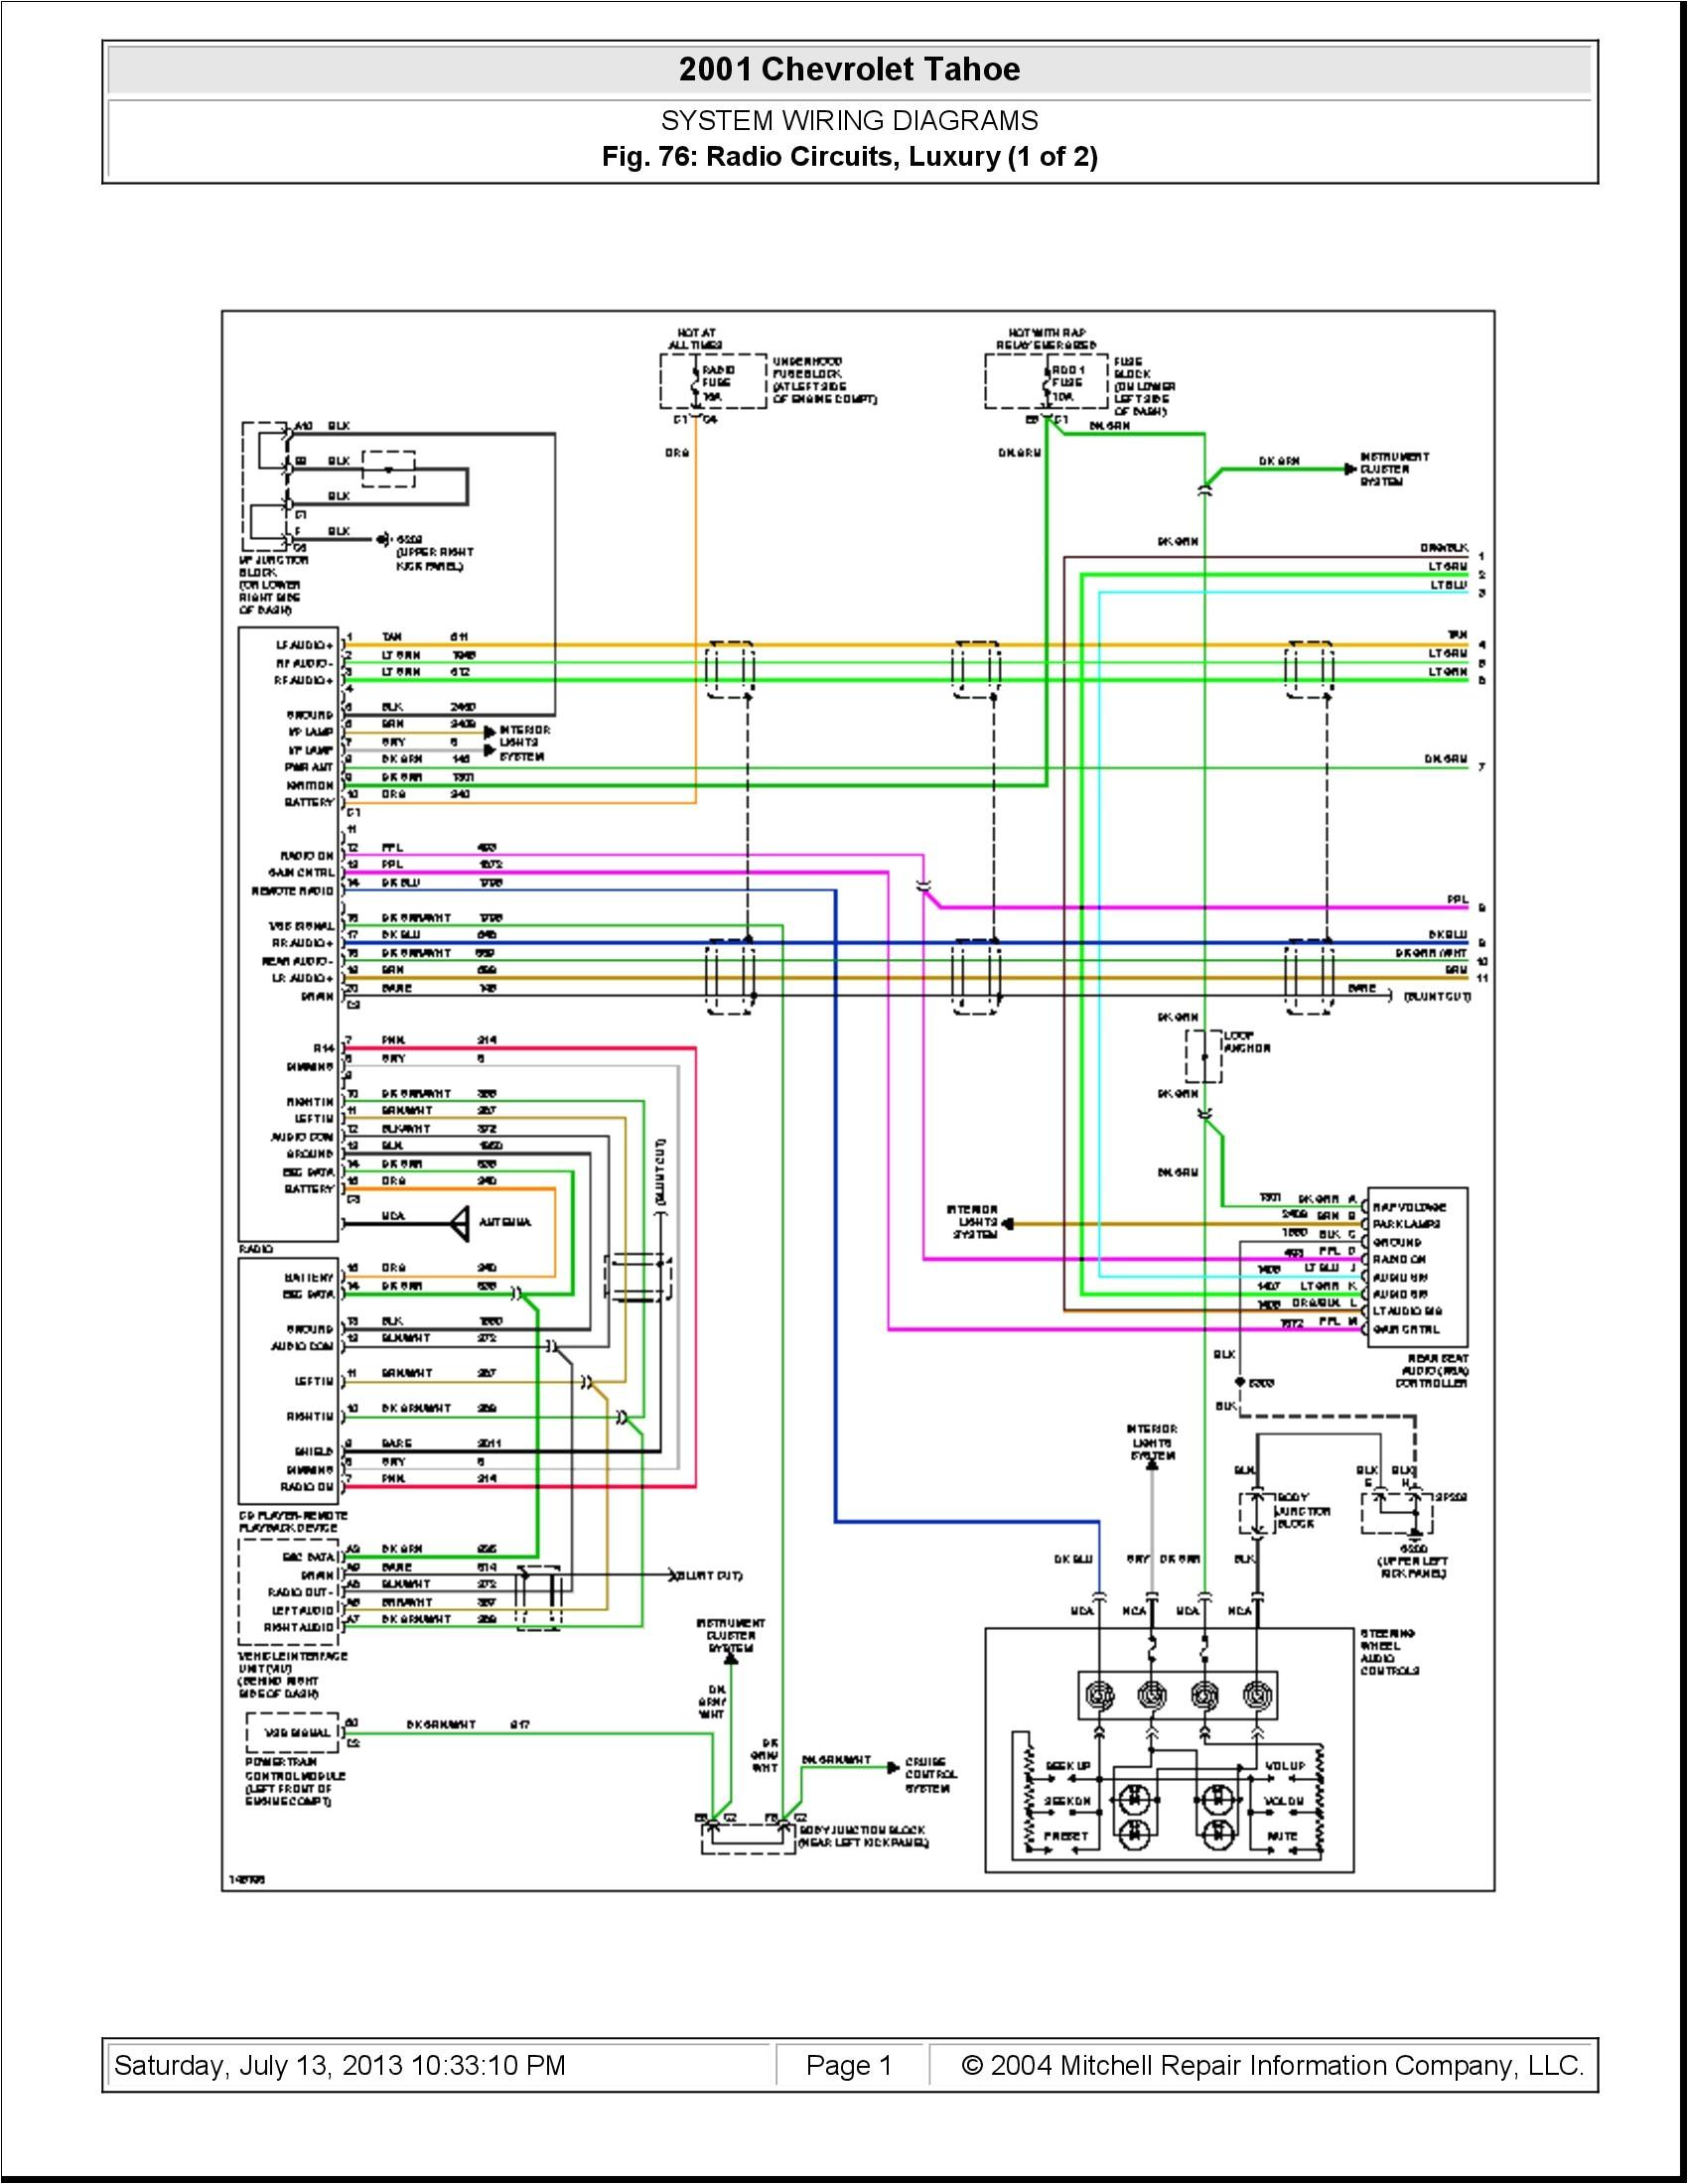 camaro radio wiring diagram wiring diagram 86 camaro radio wiring diagram wiring diagramcamaro radio wiring harness